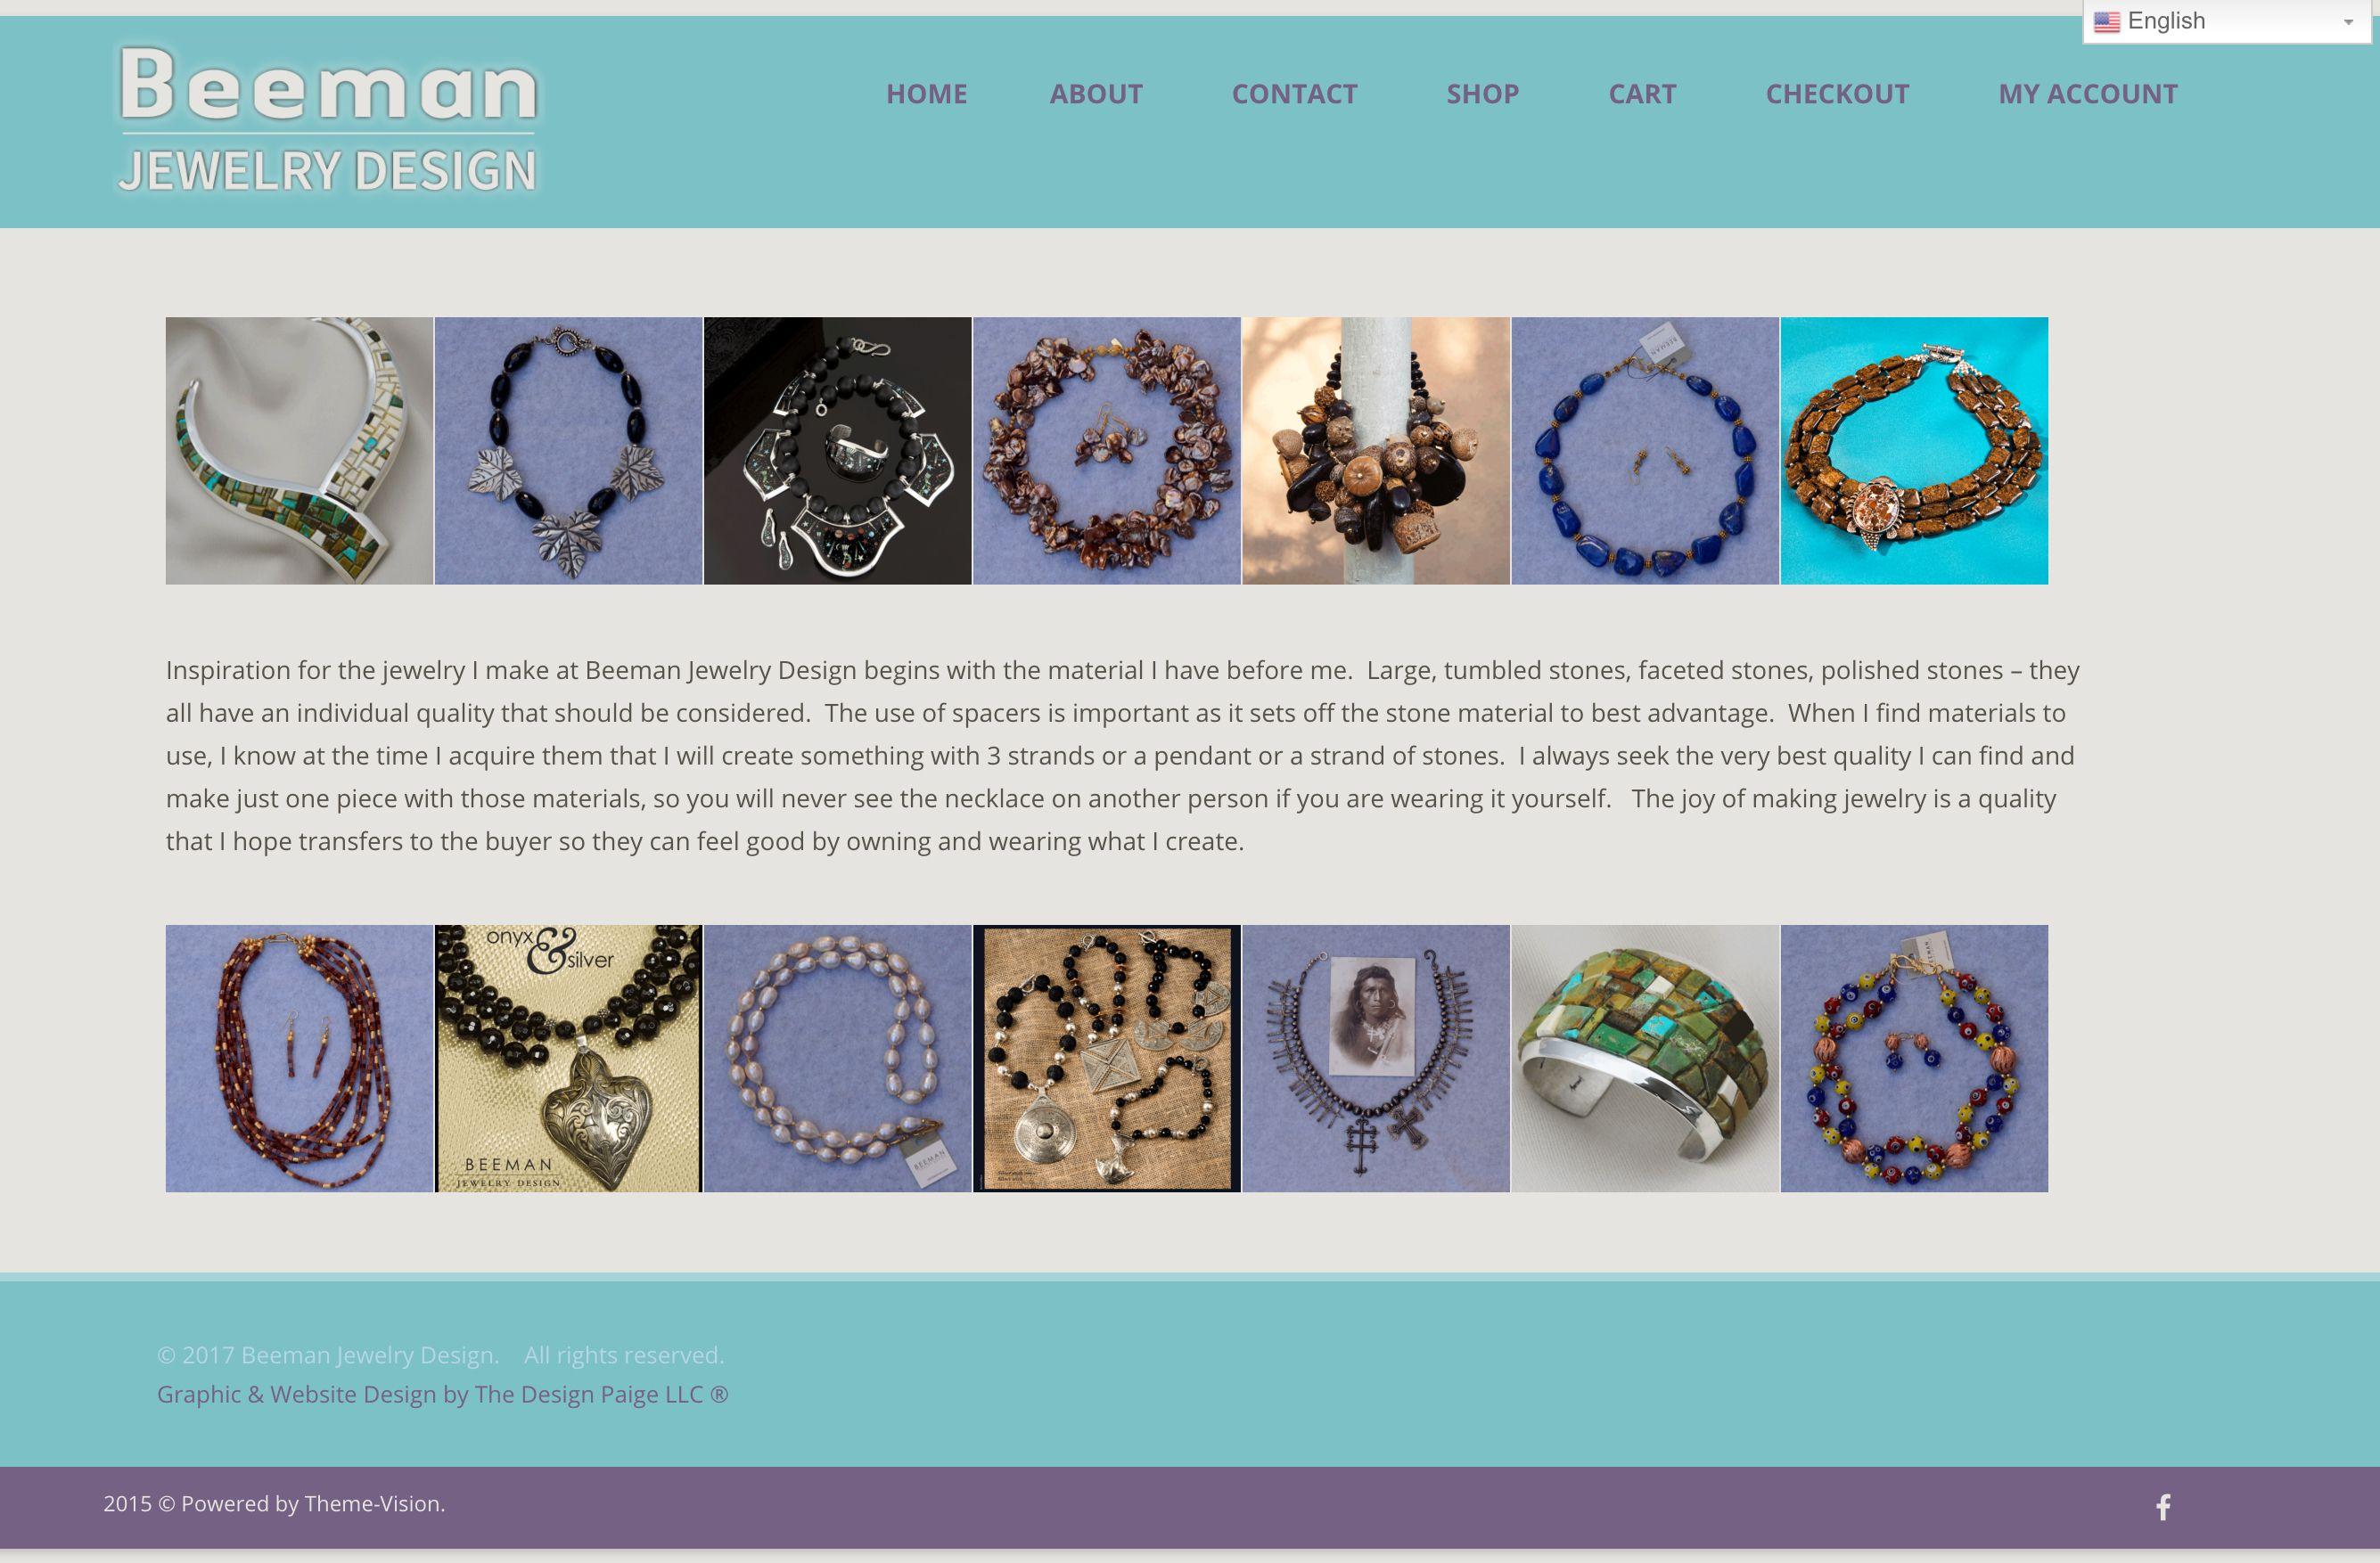 Beeman Jewelry Design Has A New Website Created By The Design Paige Llc Beeman Jewelry Design Creates Jewelry Design Inspiration Mens Designer Jewelry Design